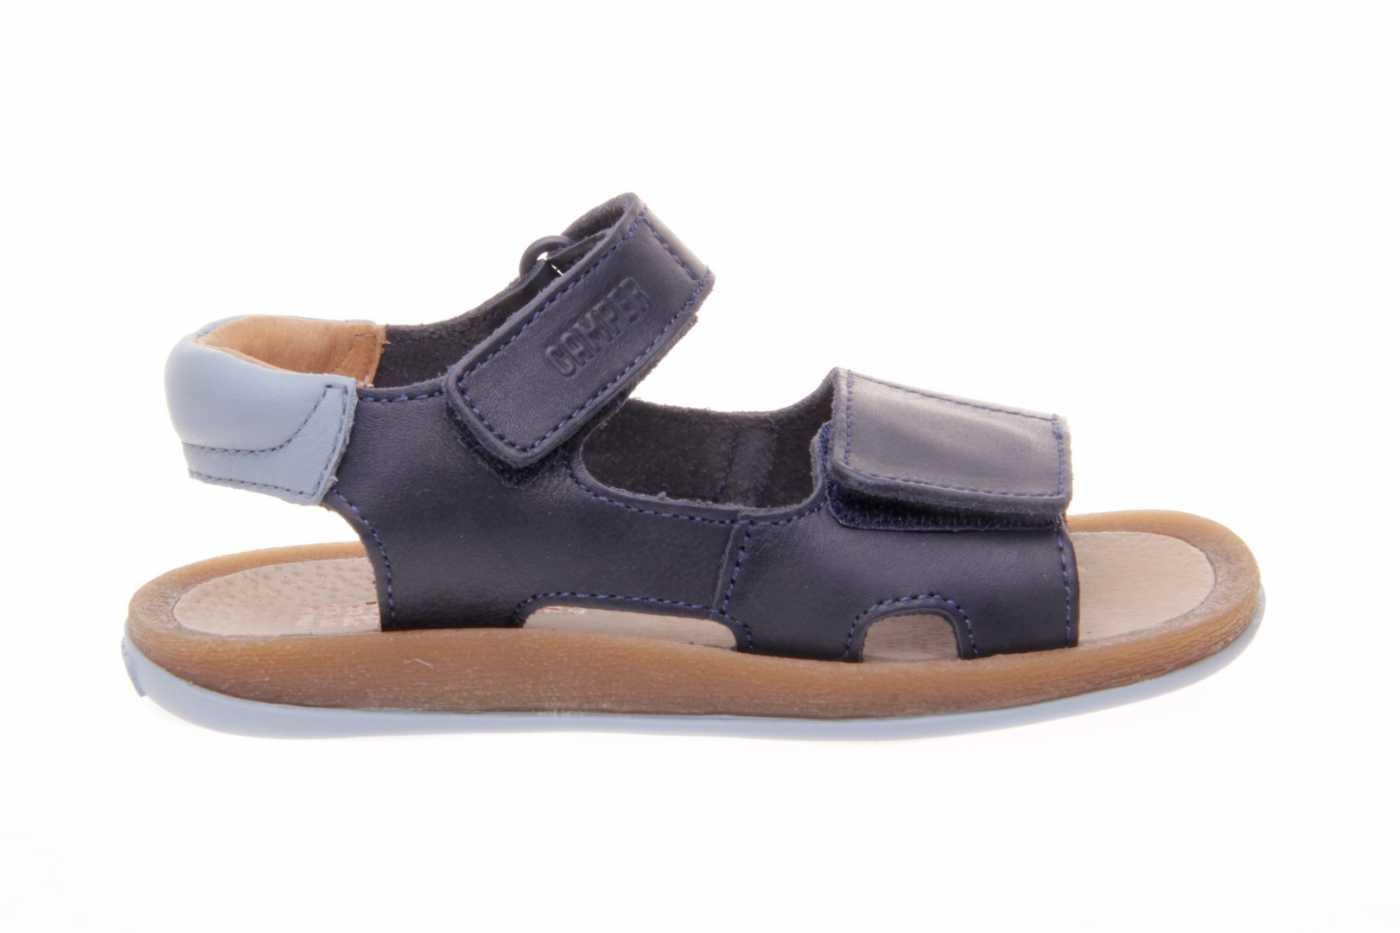 bd467345 Comprar zapato tipo JOVEN NIÑO estilo SANDALIA COLOR AZUL MARINO ...